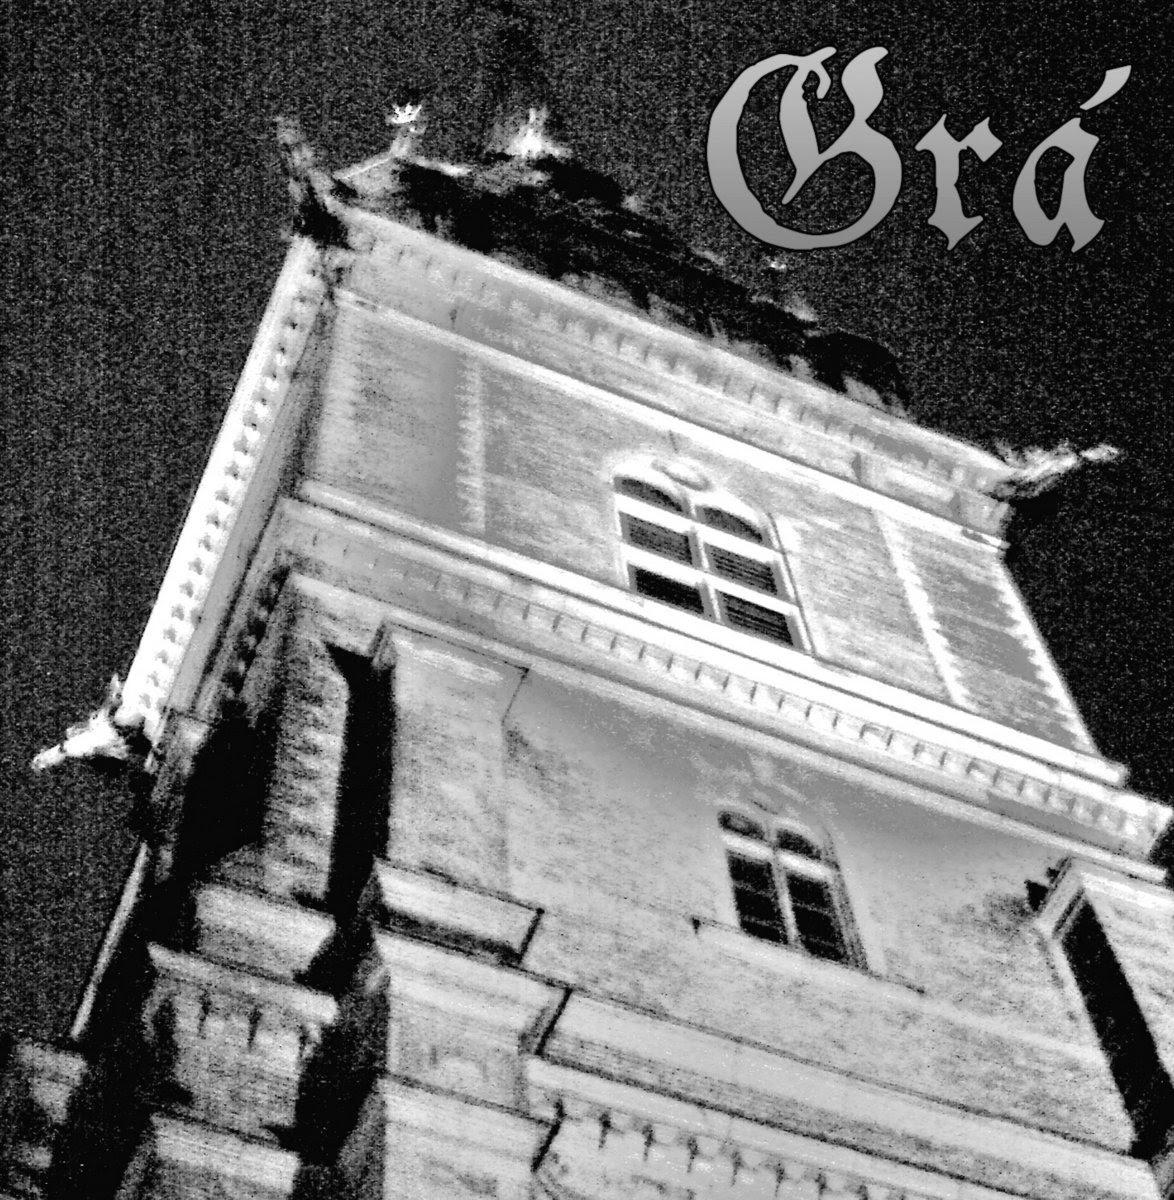 Grá - Helfärd (EP 2010)